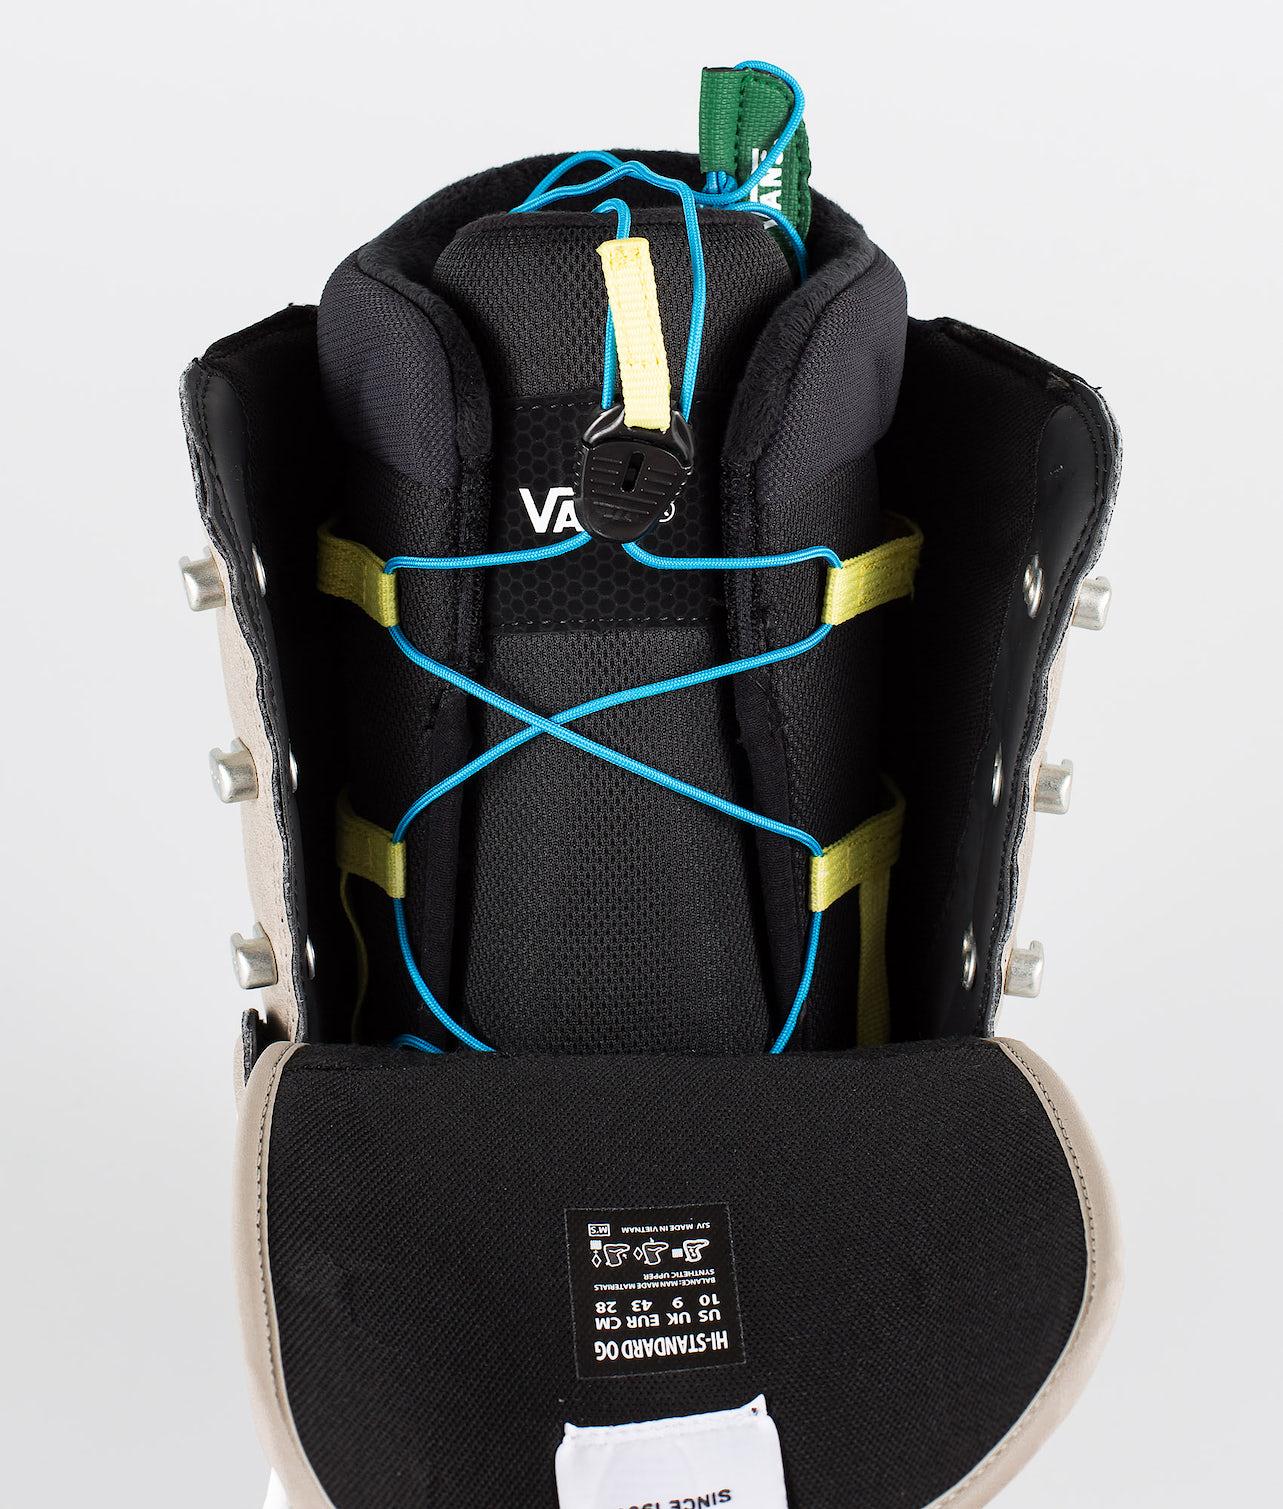 Kjøp Hi-Standard OG Boots fra Vans på Ridestore.no - Hos oss har du alltid fri frakt, fri retur og 30 dagers åpent kjøp!